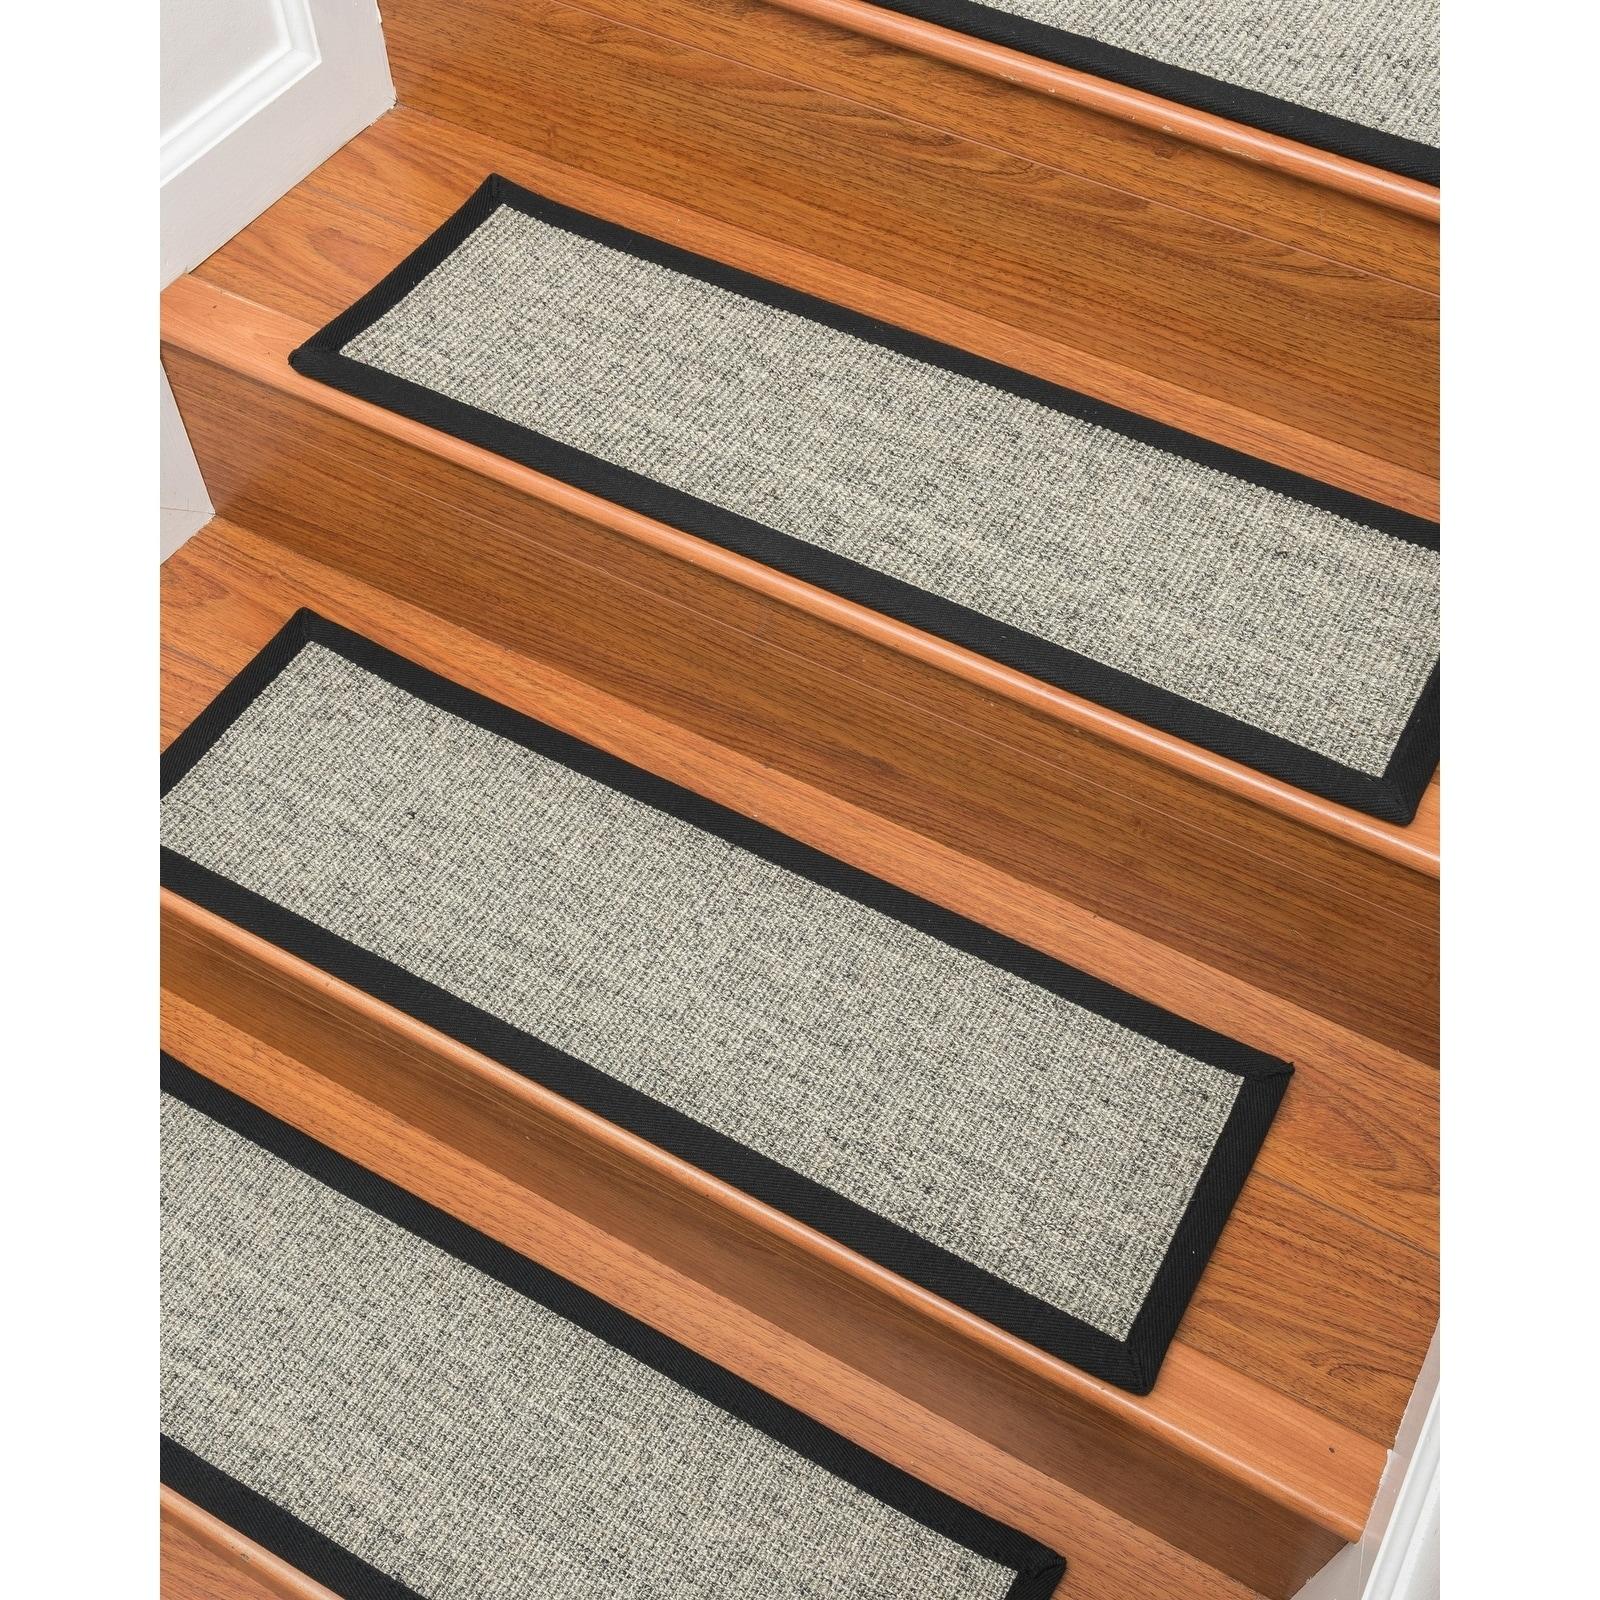 Gardner Sisal Carpet Stair Treads 9 X 29 Set Of 13 Free Shipping Today 23109923